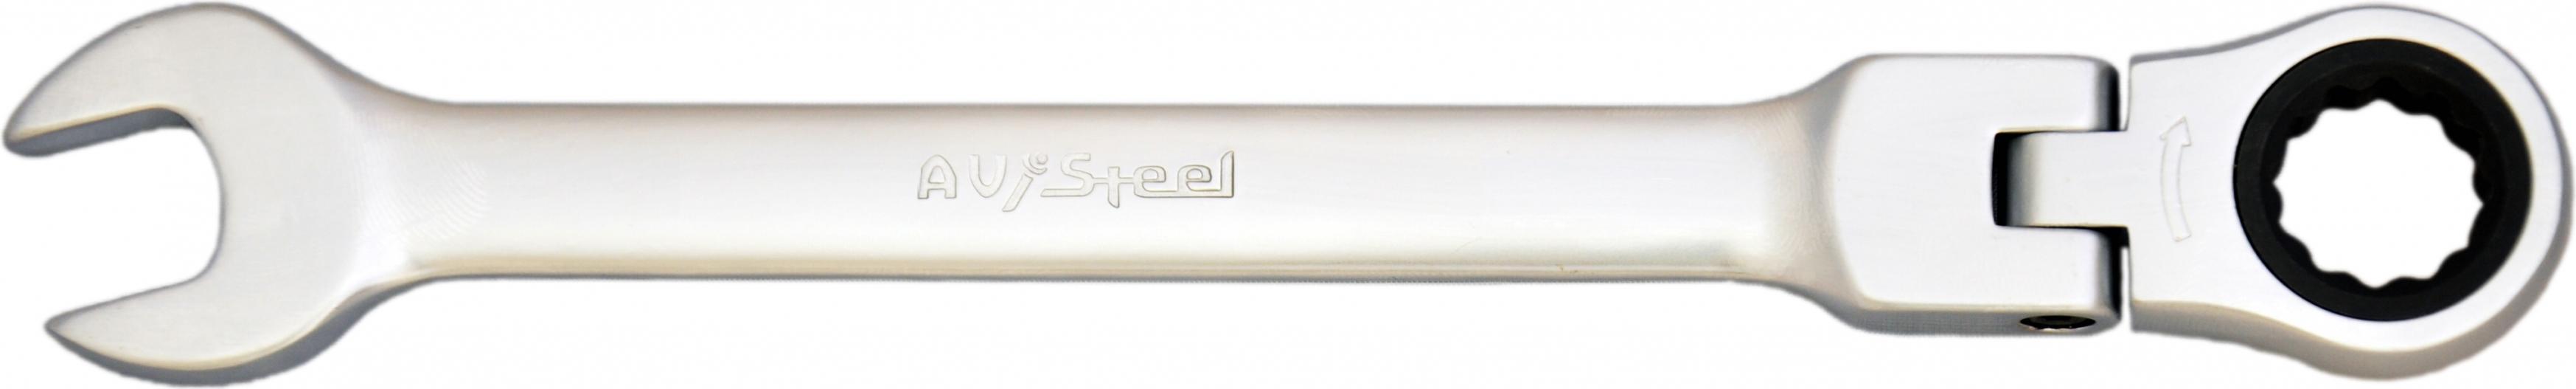 Ключ комбинированный Avsteel Av-315210